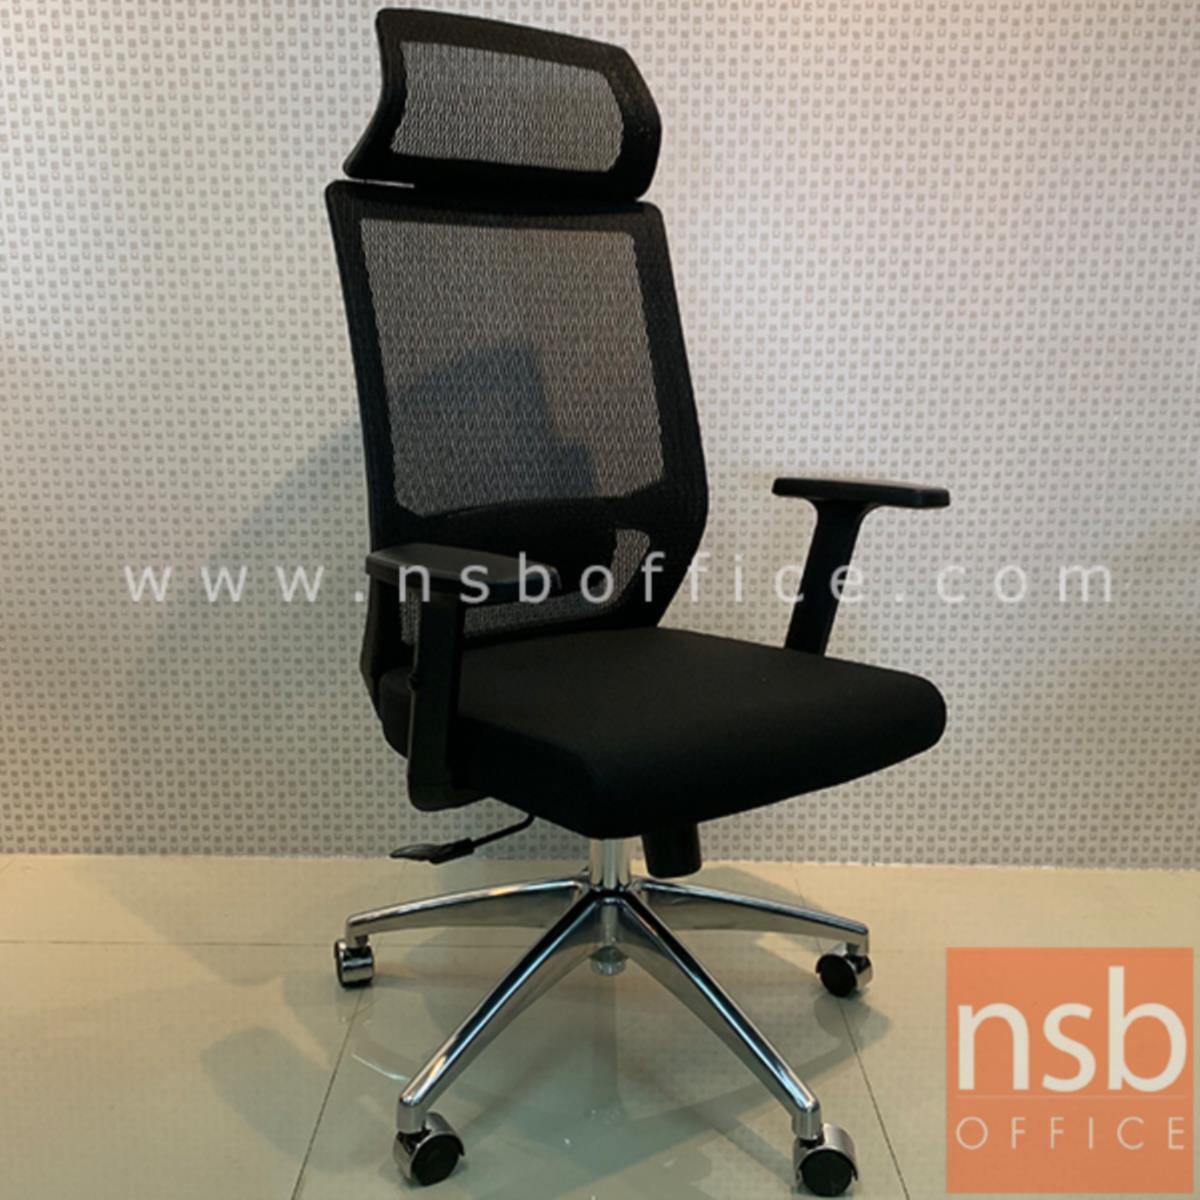 B28A107:เก้าอี้ผู้บริหารหลังเน็ต  รุ่น Perrineau (แพร์ริโน)  โช๊คแก๊ส มีก้อนโยก ขาอลูมิเนียม